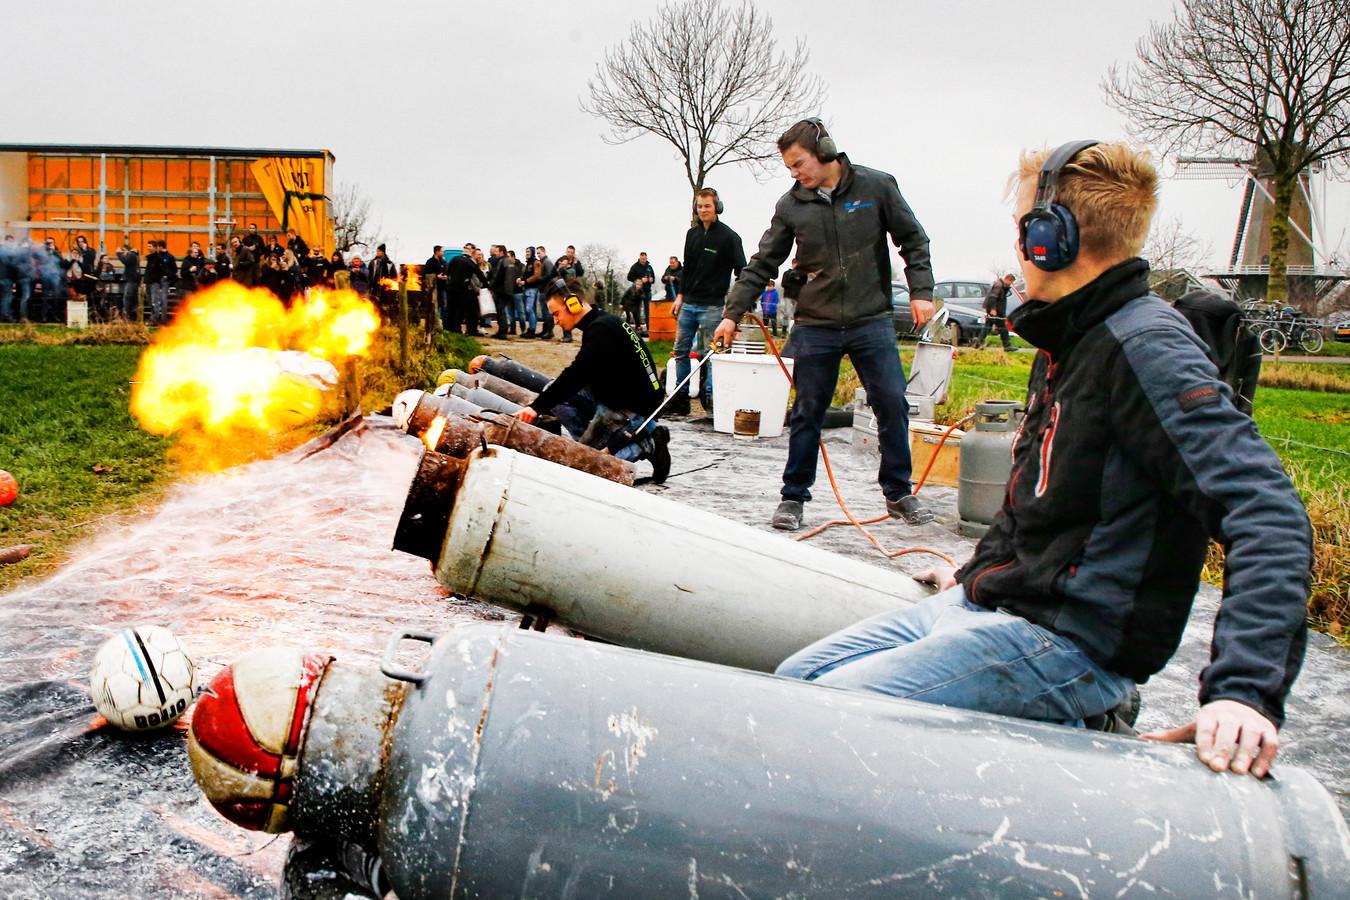 Carbidschieten rond de jaarwissleing is op meer plaatsen in Nederland een traditie. Zoals in Werkhoven.